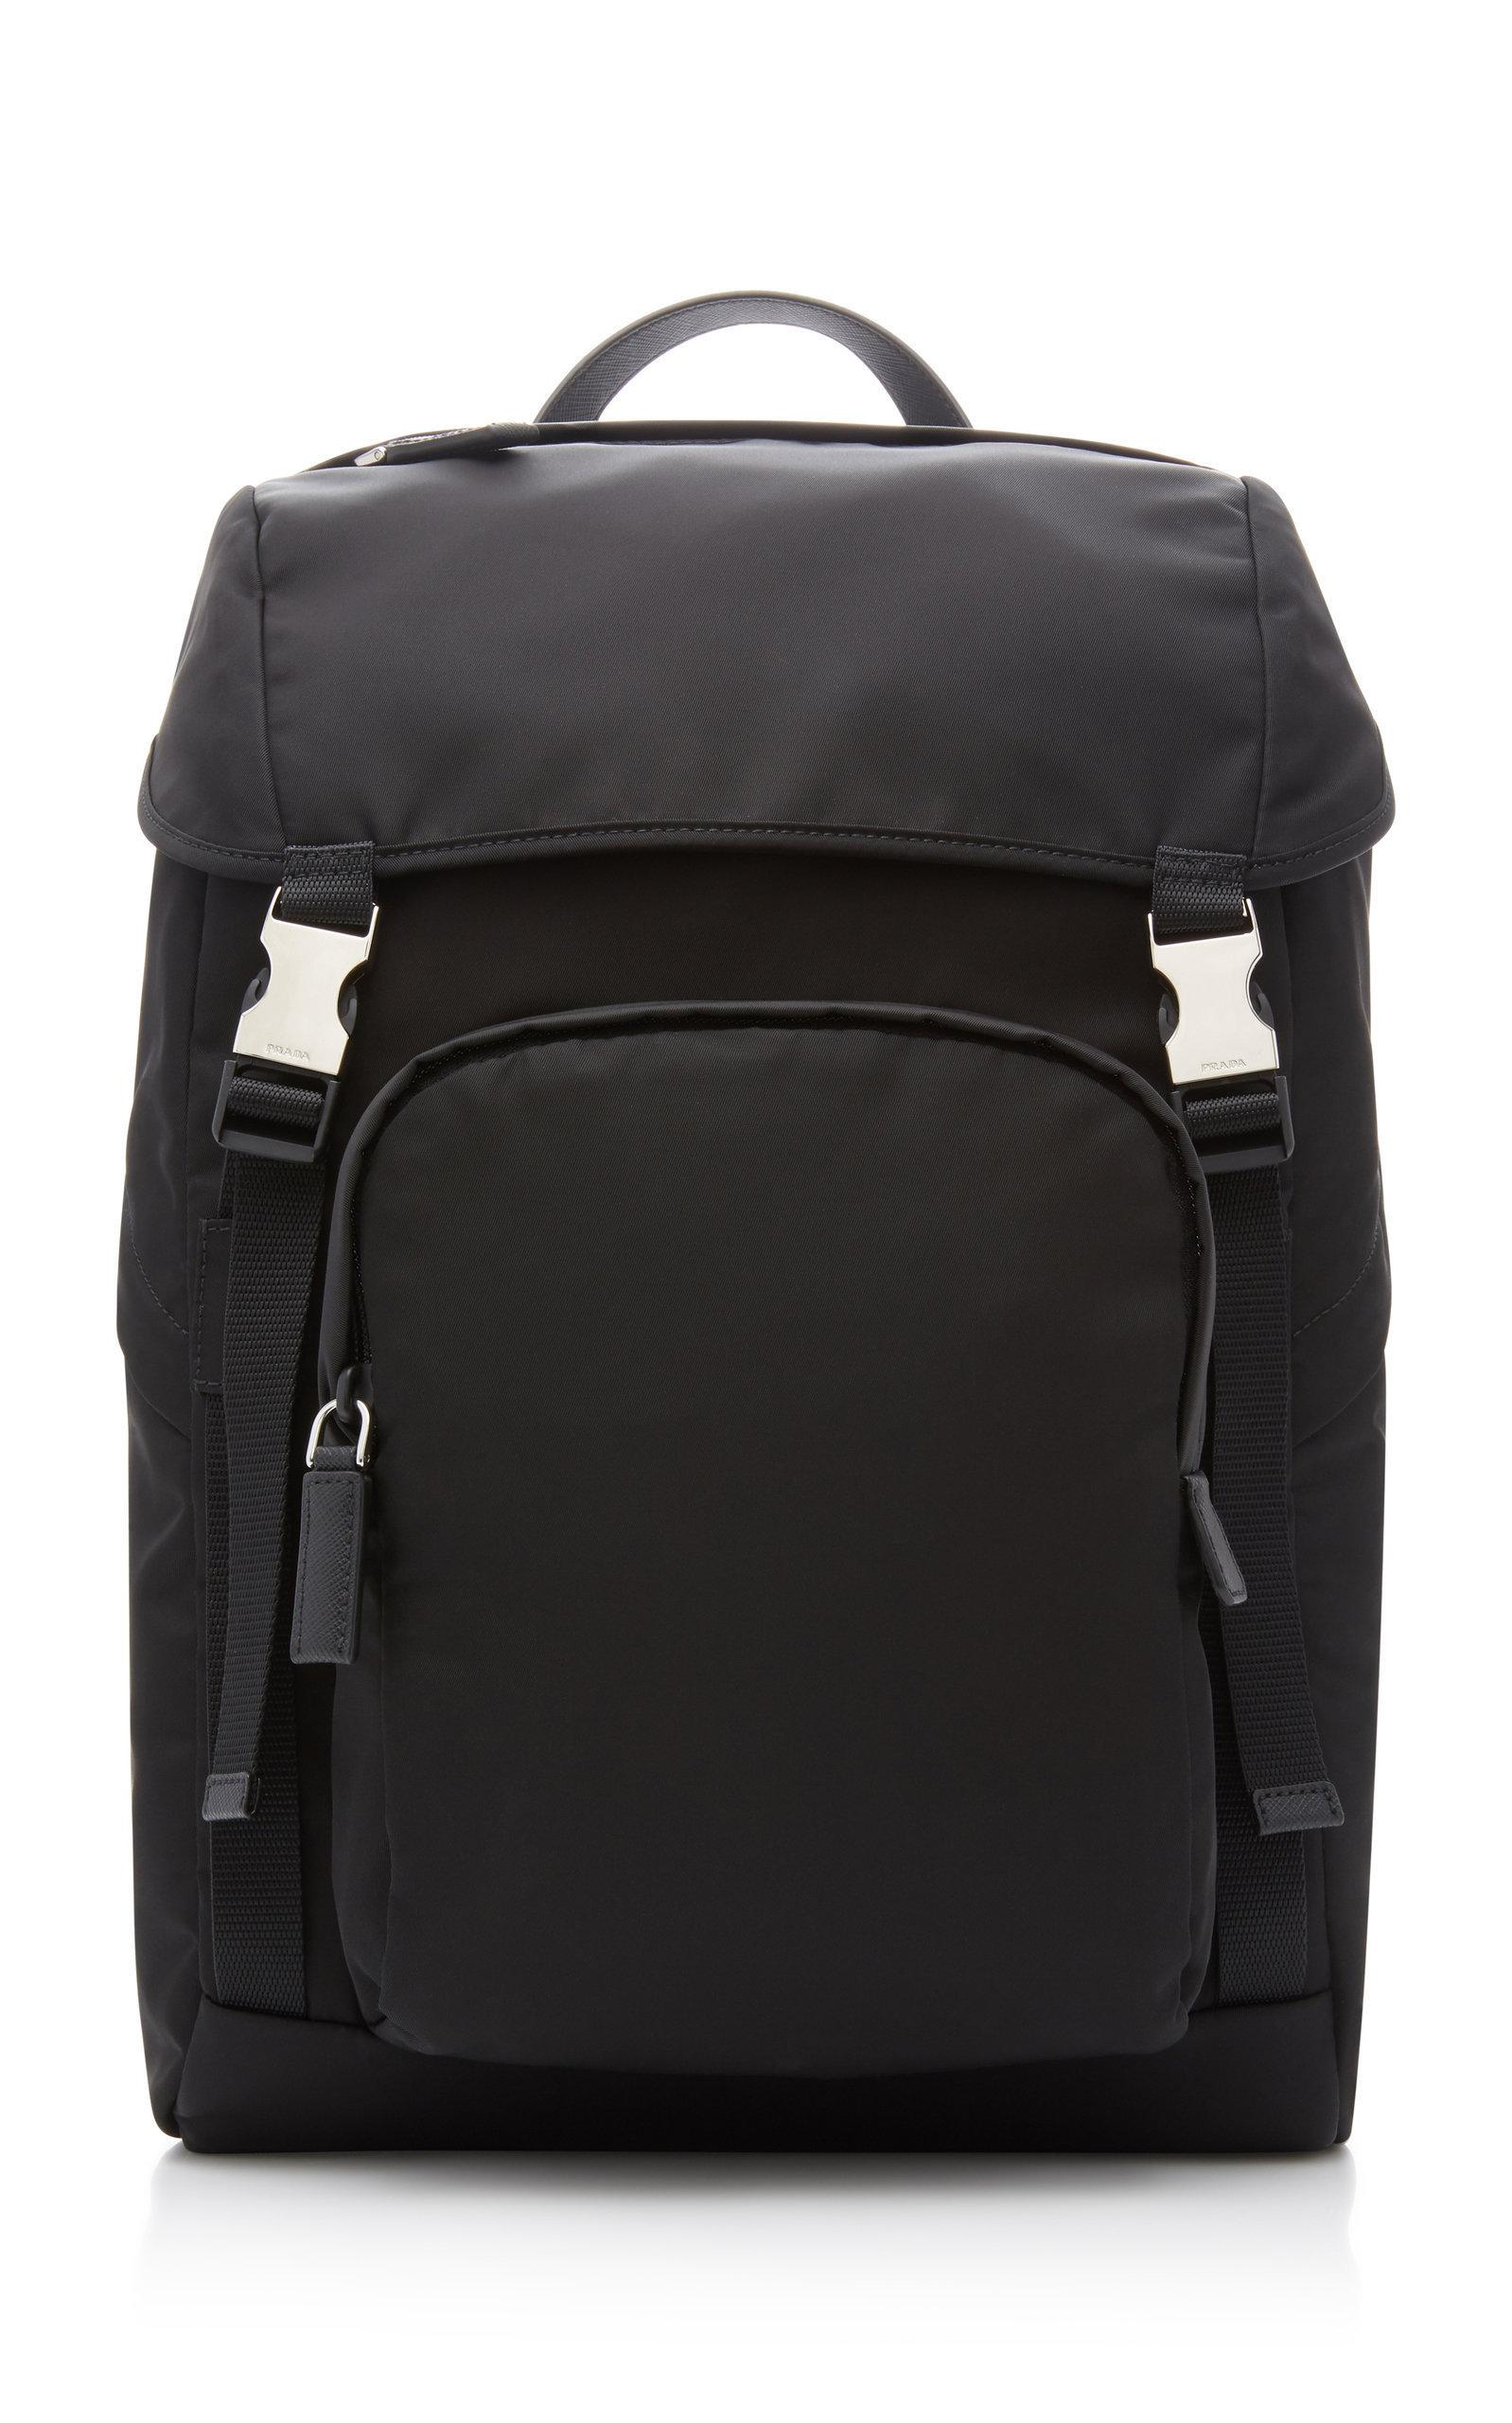 6d034af71113 Prada Utility Backpack - Black | ModeSens